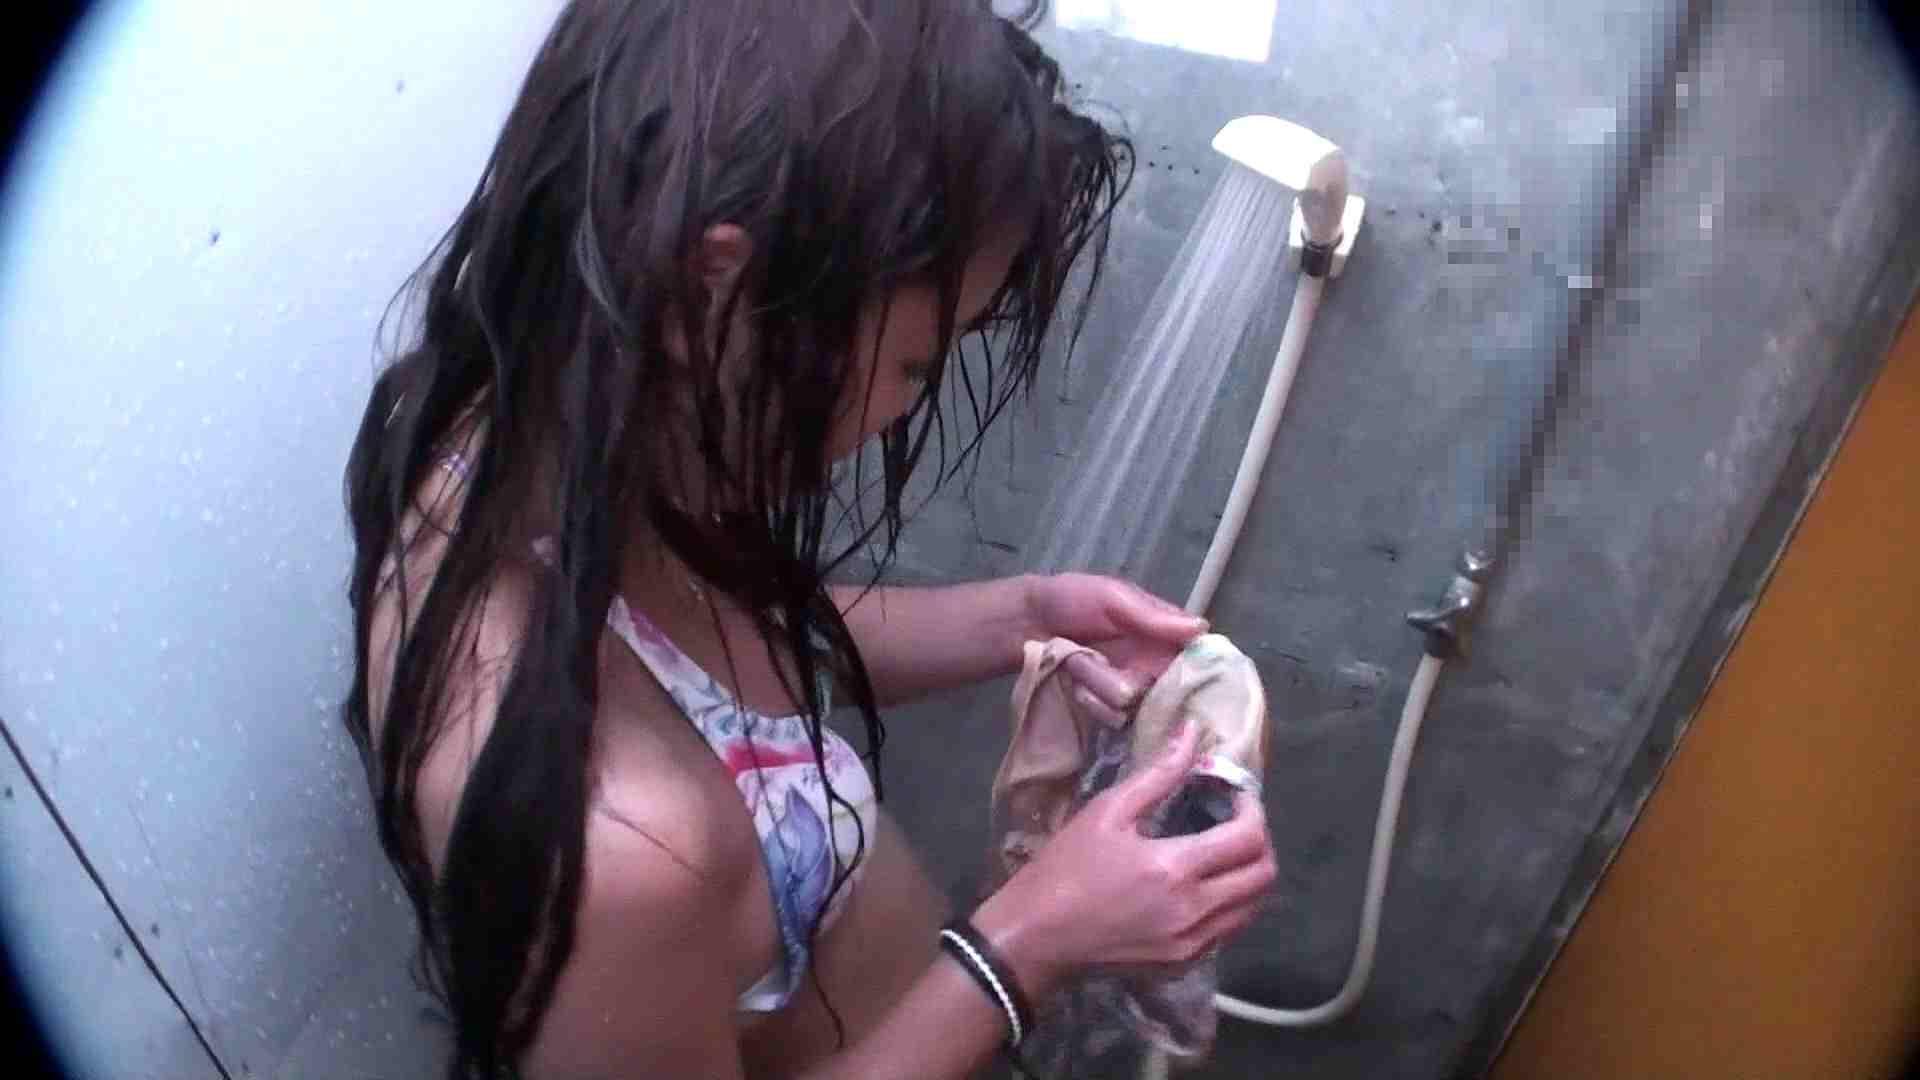 ハイビジョンVol.39 ネコ顔お女市さまの乳首ピンコ立ち シャワー中 | OL  74連発 30